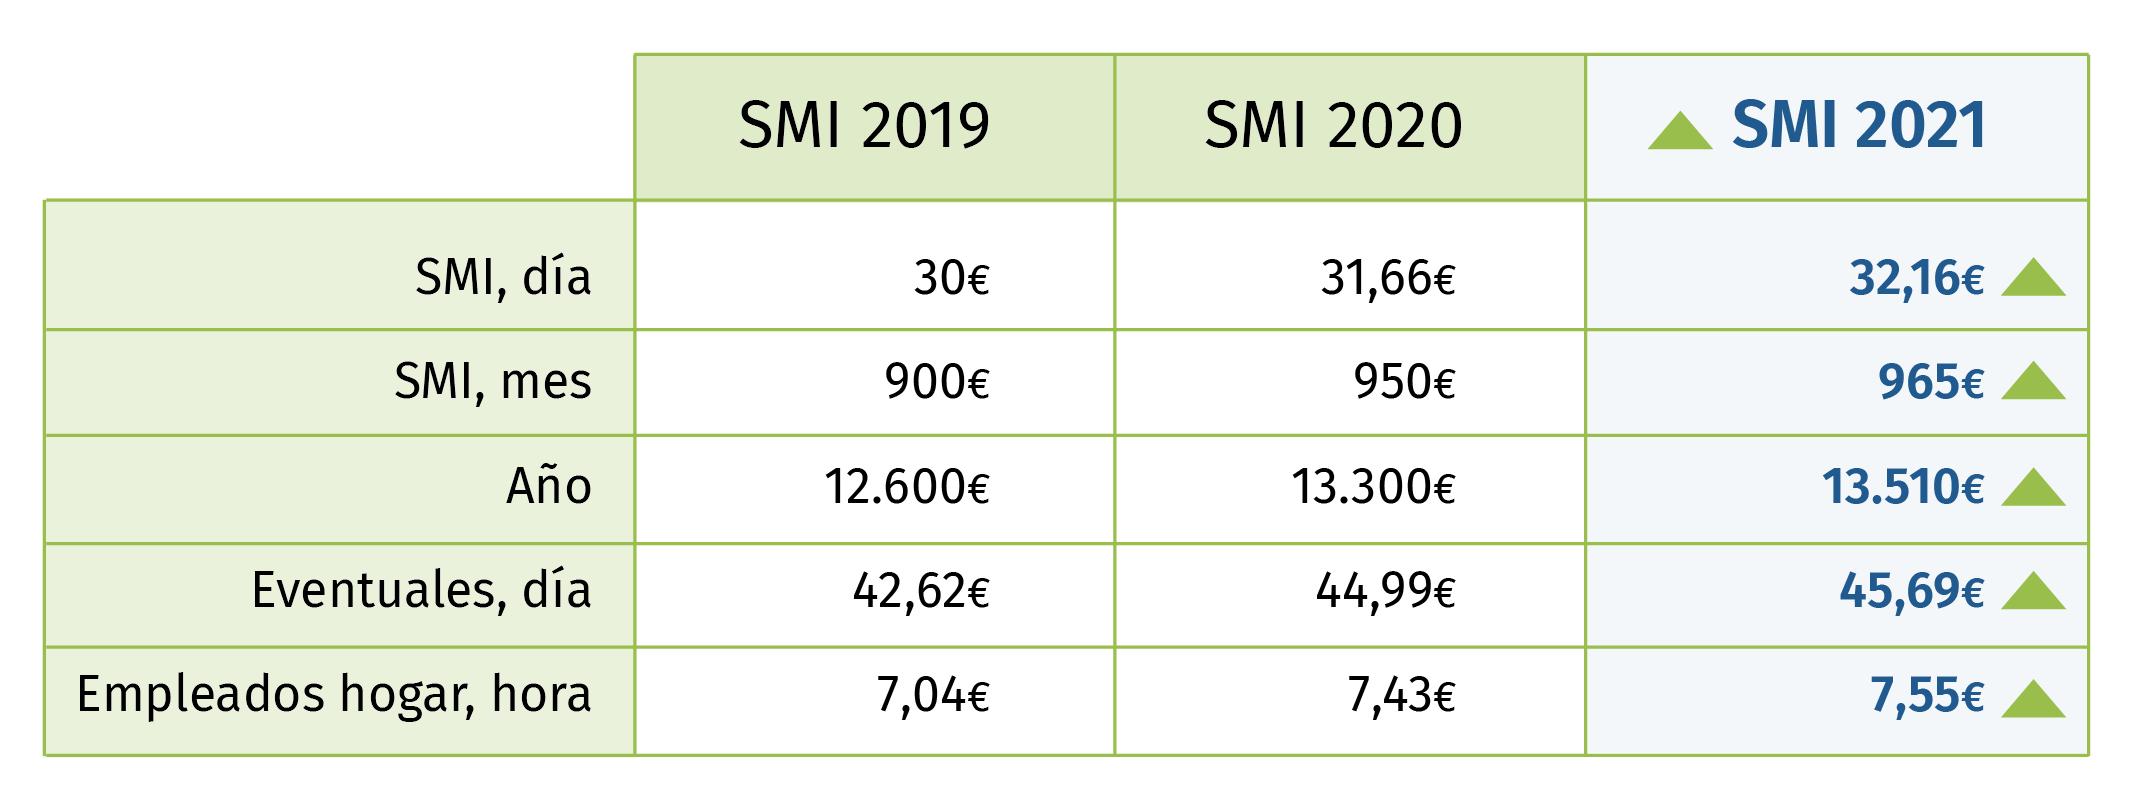 SMI 2021